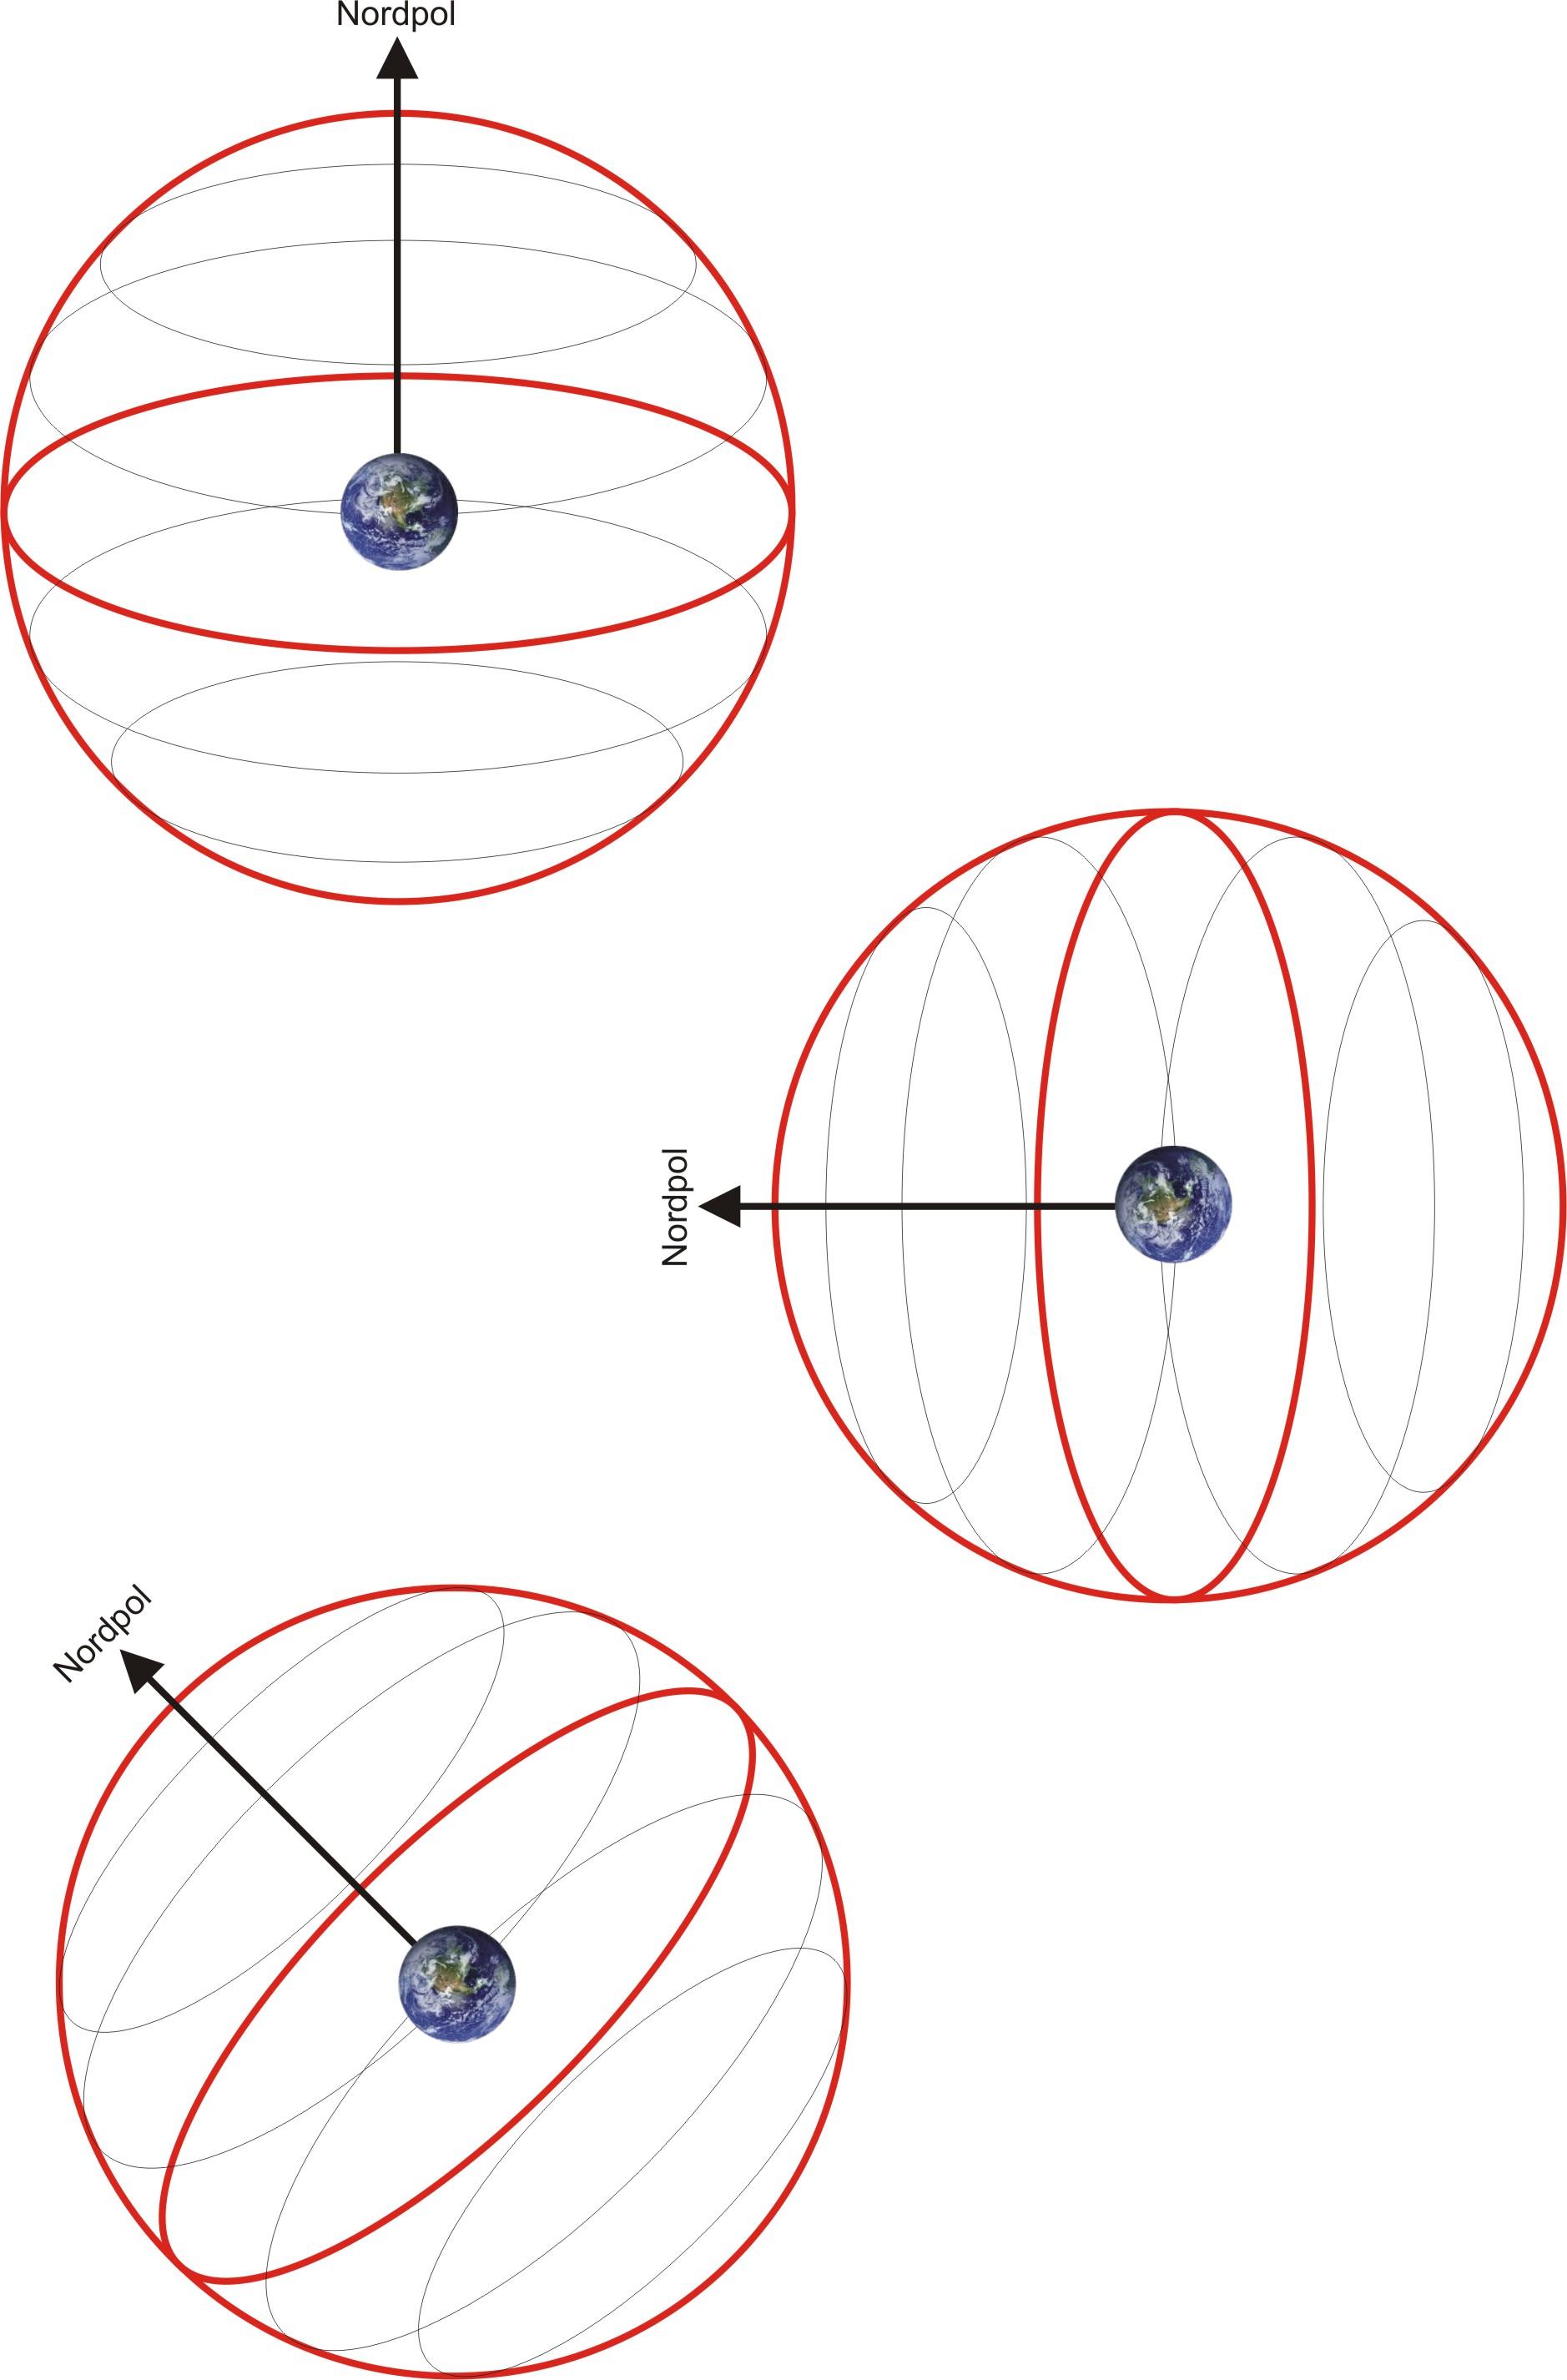 Bahnen von Sternen an der Himmelskugel. Zuerst die Position am Nordpol; dann am Äquator und am am Schluß bei einer Breite von 45 Grad. Rot sind Himmelsäquator und -meridian; schwarz die Bahnen der Sterne